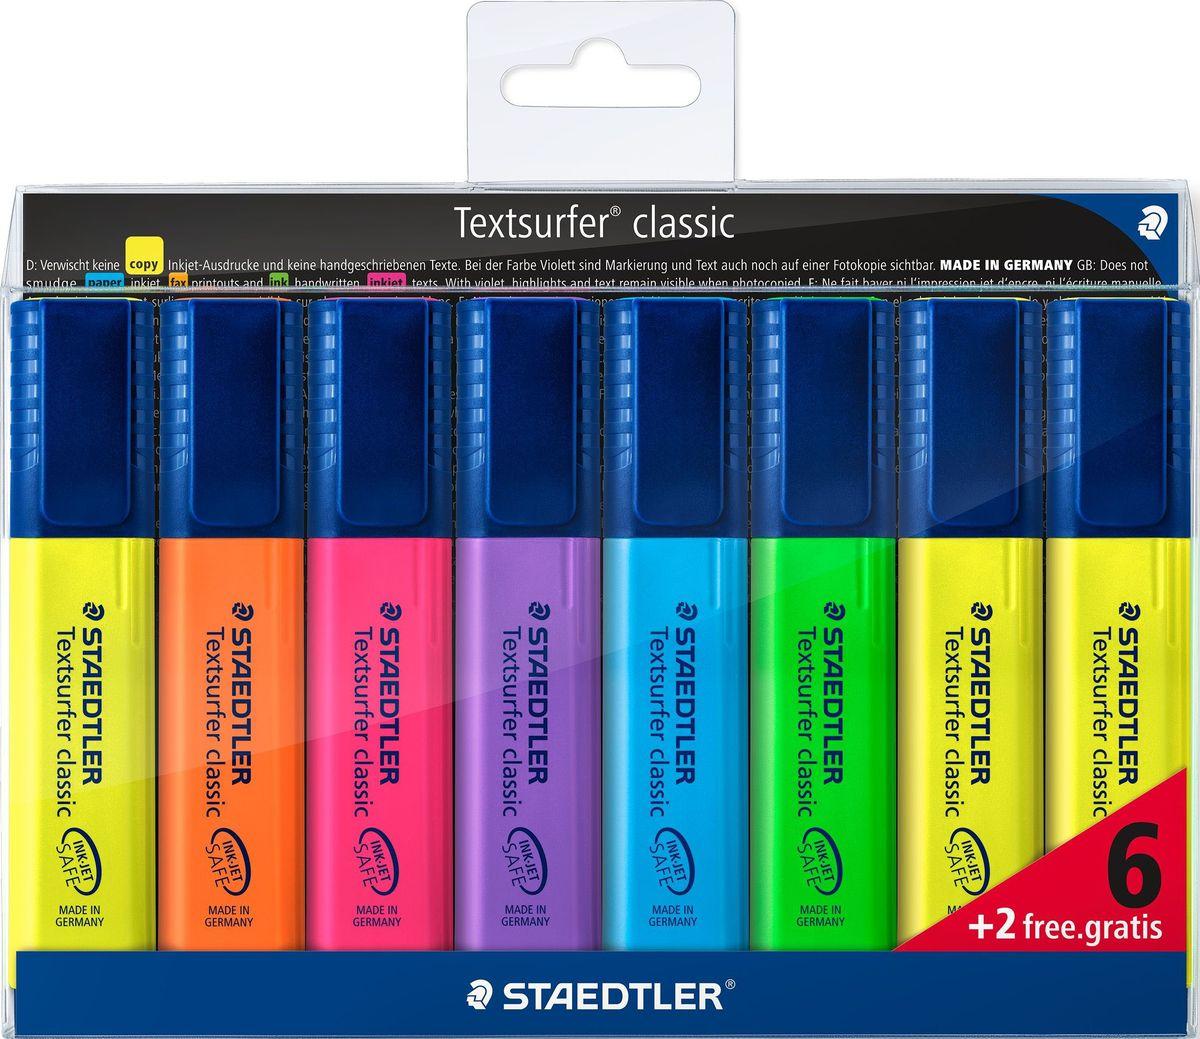 Staedtler Набор текстовыделителей Сlassic 364 6 шт + 2 шт бесплатно